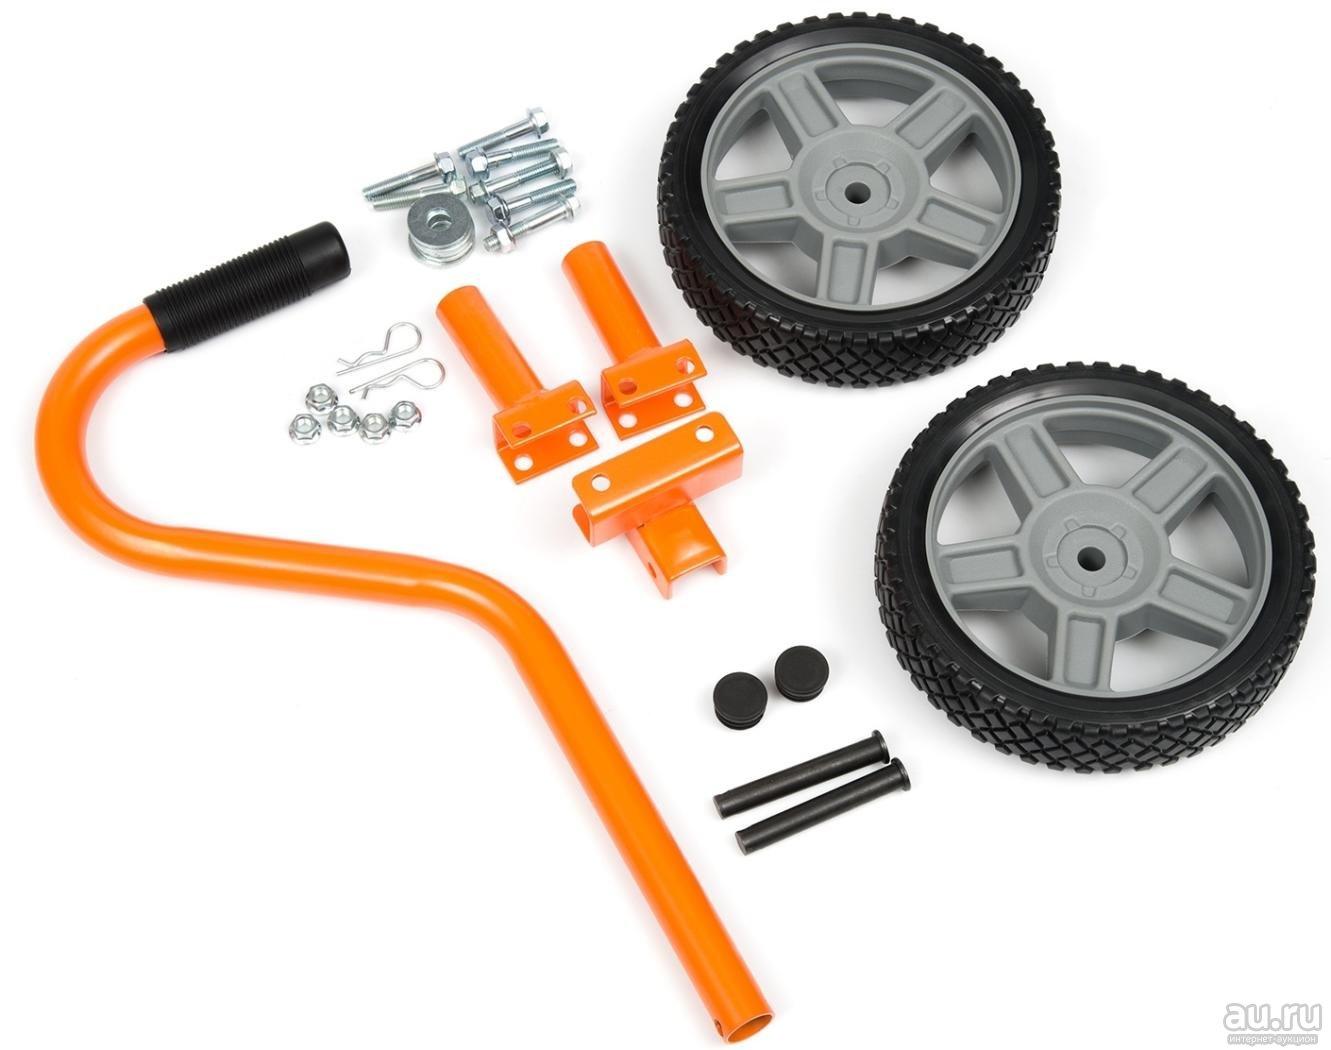 Комплект колес для генераторов ECT 7000 в Себеже